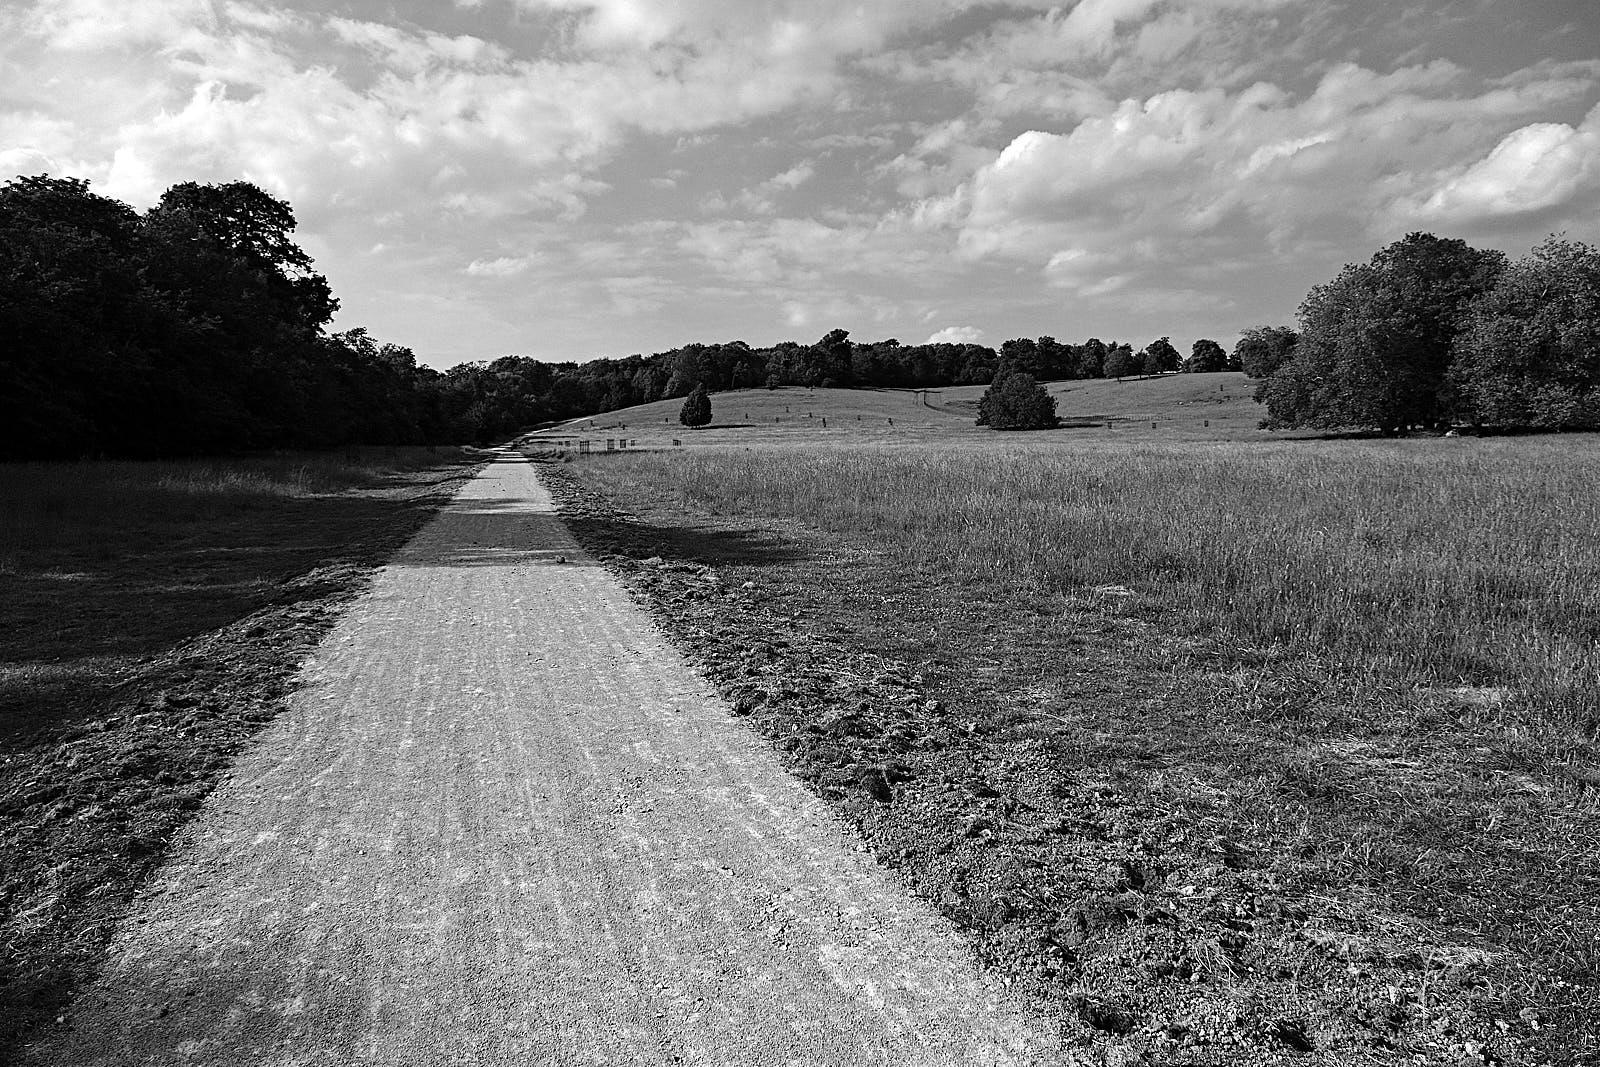 A path runs into the distance in monochrome